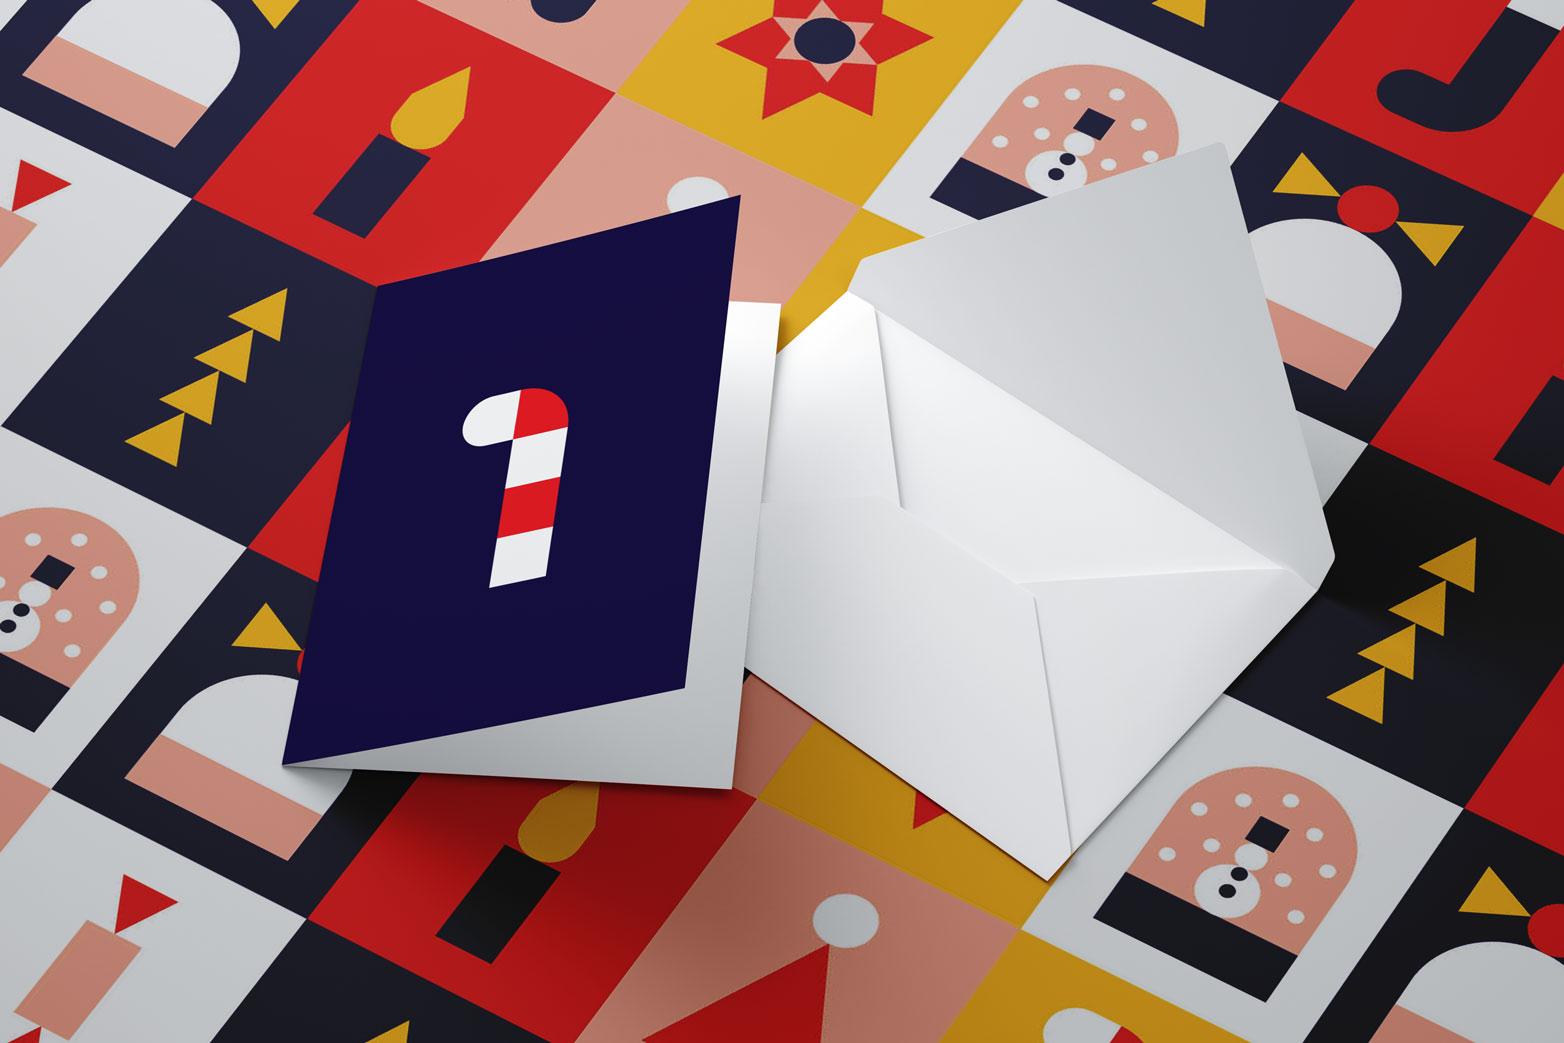 ABL-xmasparty-card-03.jpg